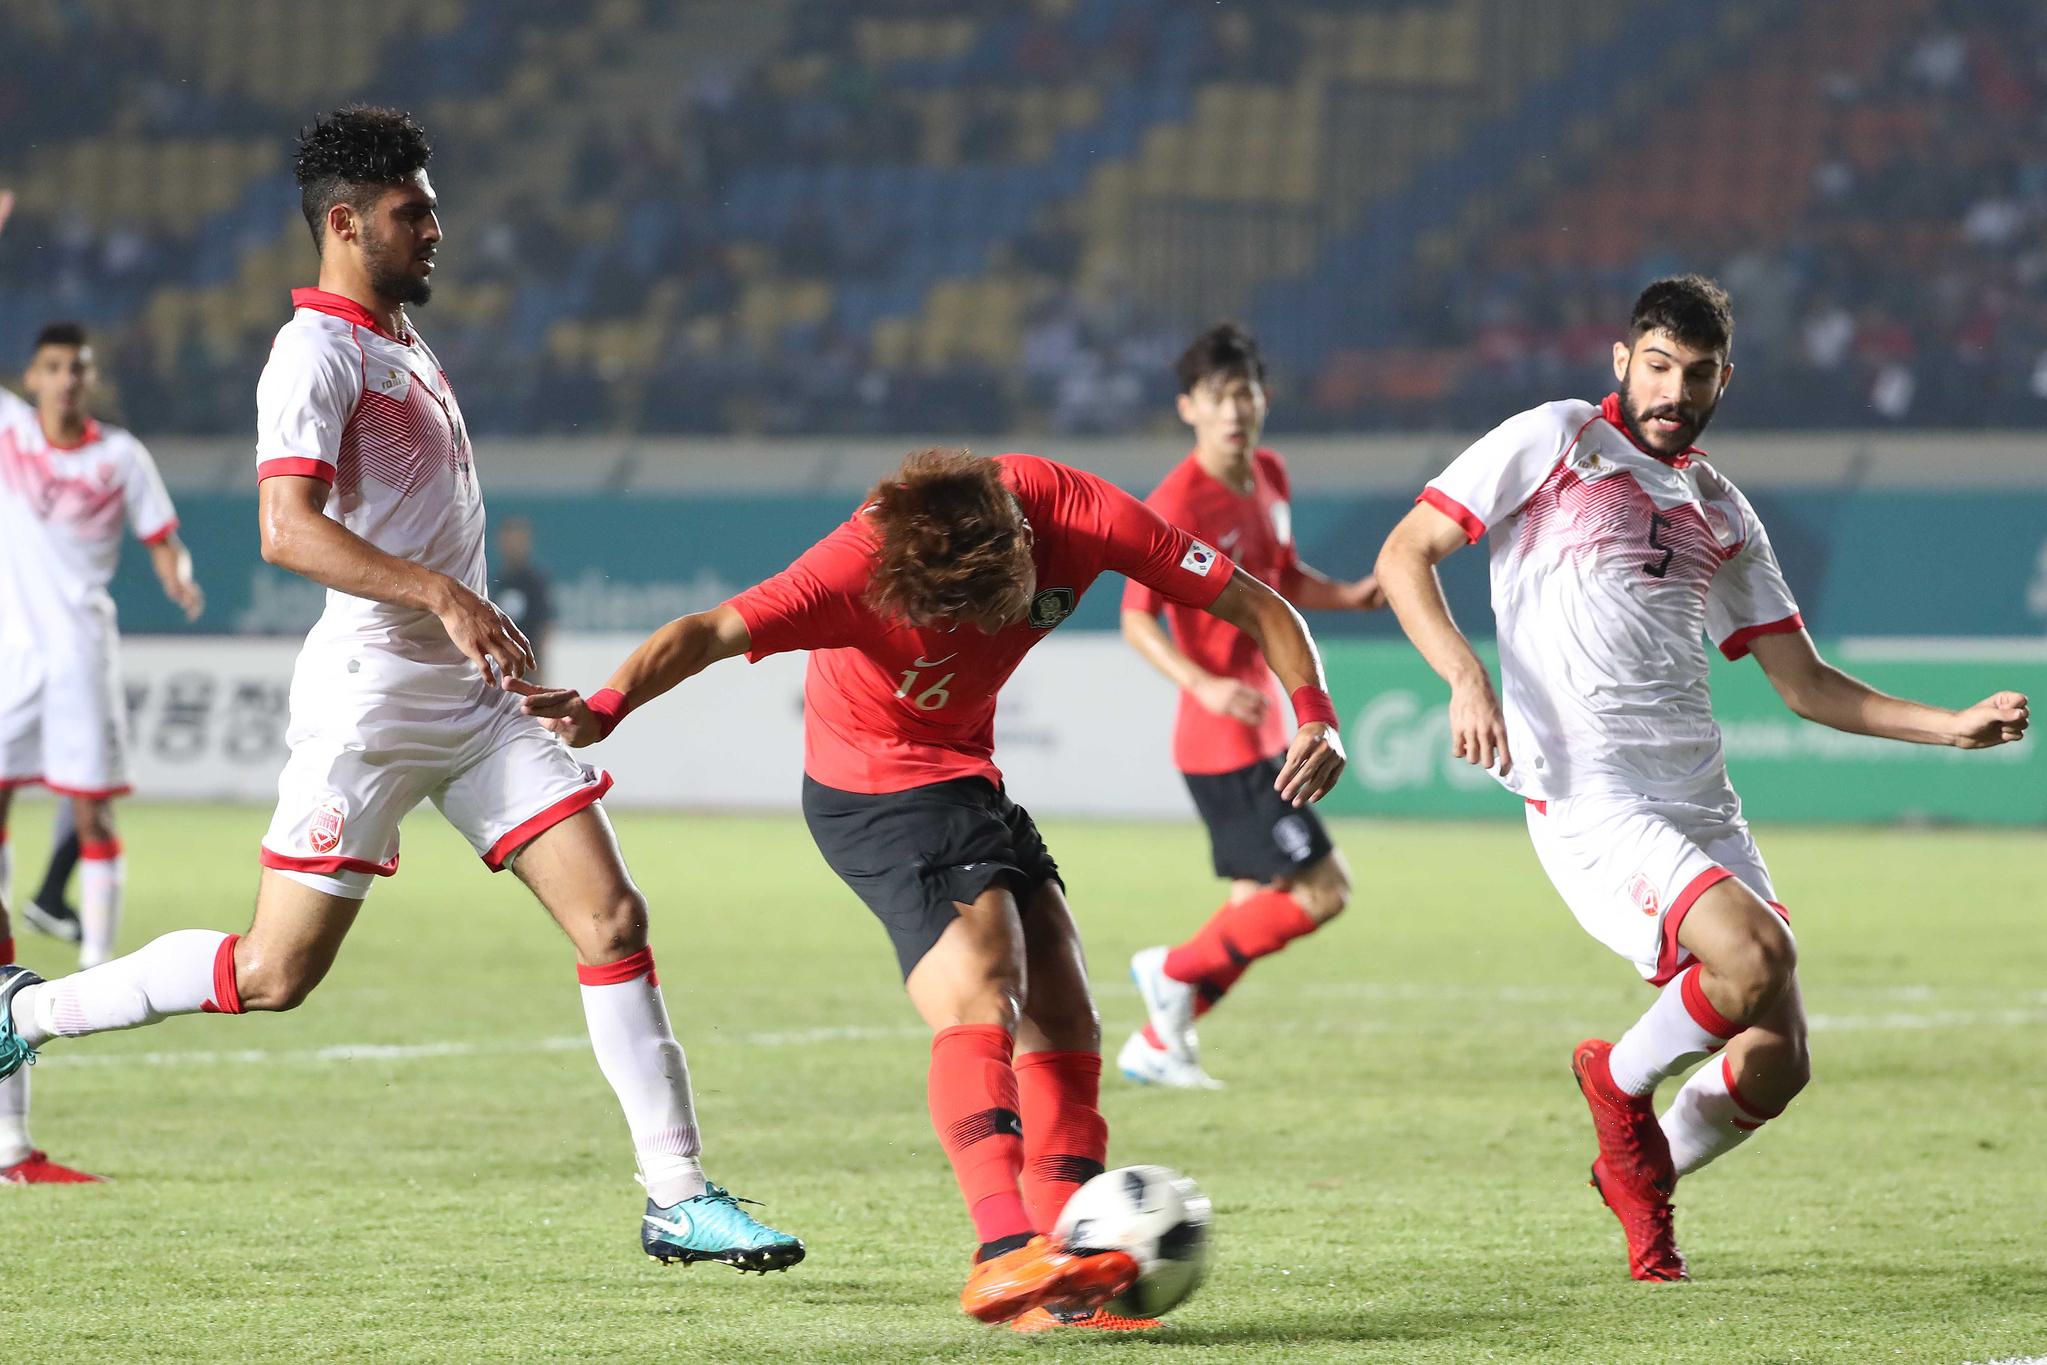 황의조가 15일 오후 인도네시아 반둥에서 열린 2018 자카르타·팔렘방 아시안게임 U-23 남자축구 대한민국과 바레인의 조별리그 1차전에서 골을 넣고 있다. 대한민국 U-23 축구대표팀은 17일 말레이시아 20일 키르키스탄과 차례로 조별리그를 갖는다. [뉴스1]